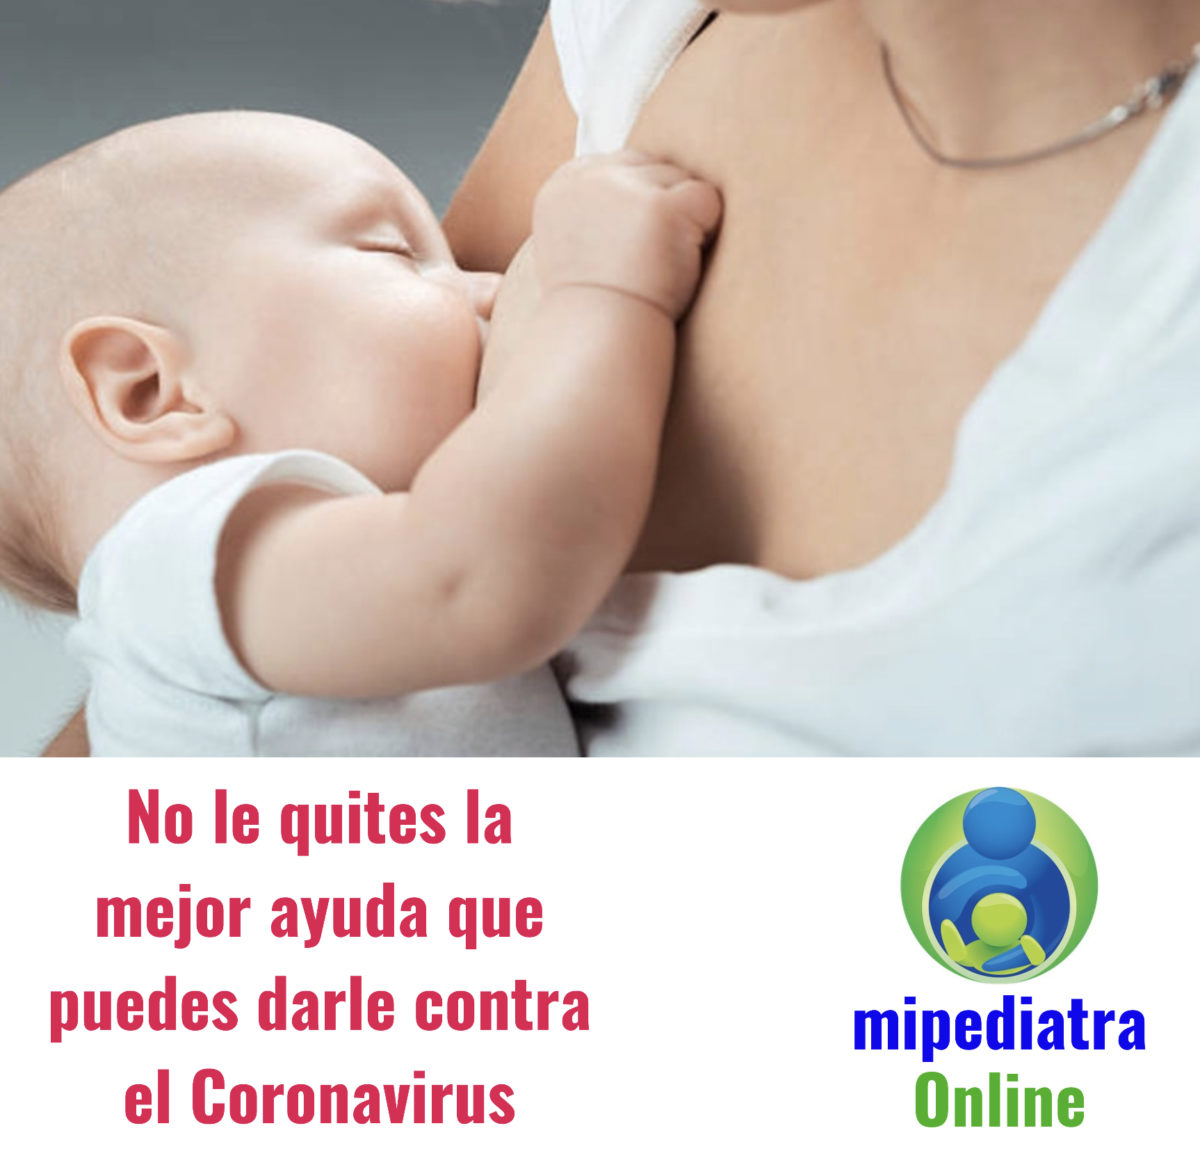 lactancia materna y coronavirus. No le quites el pecho.